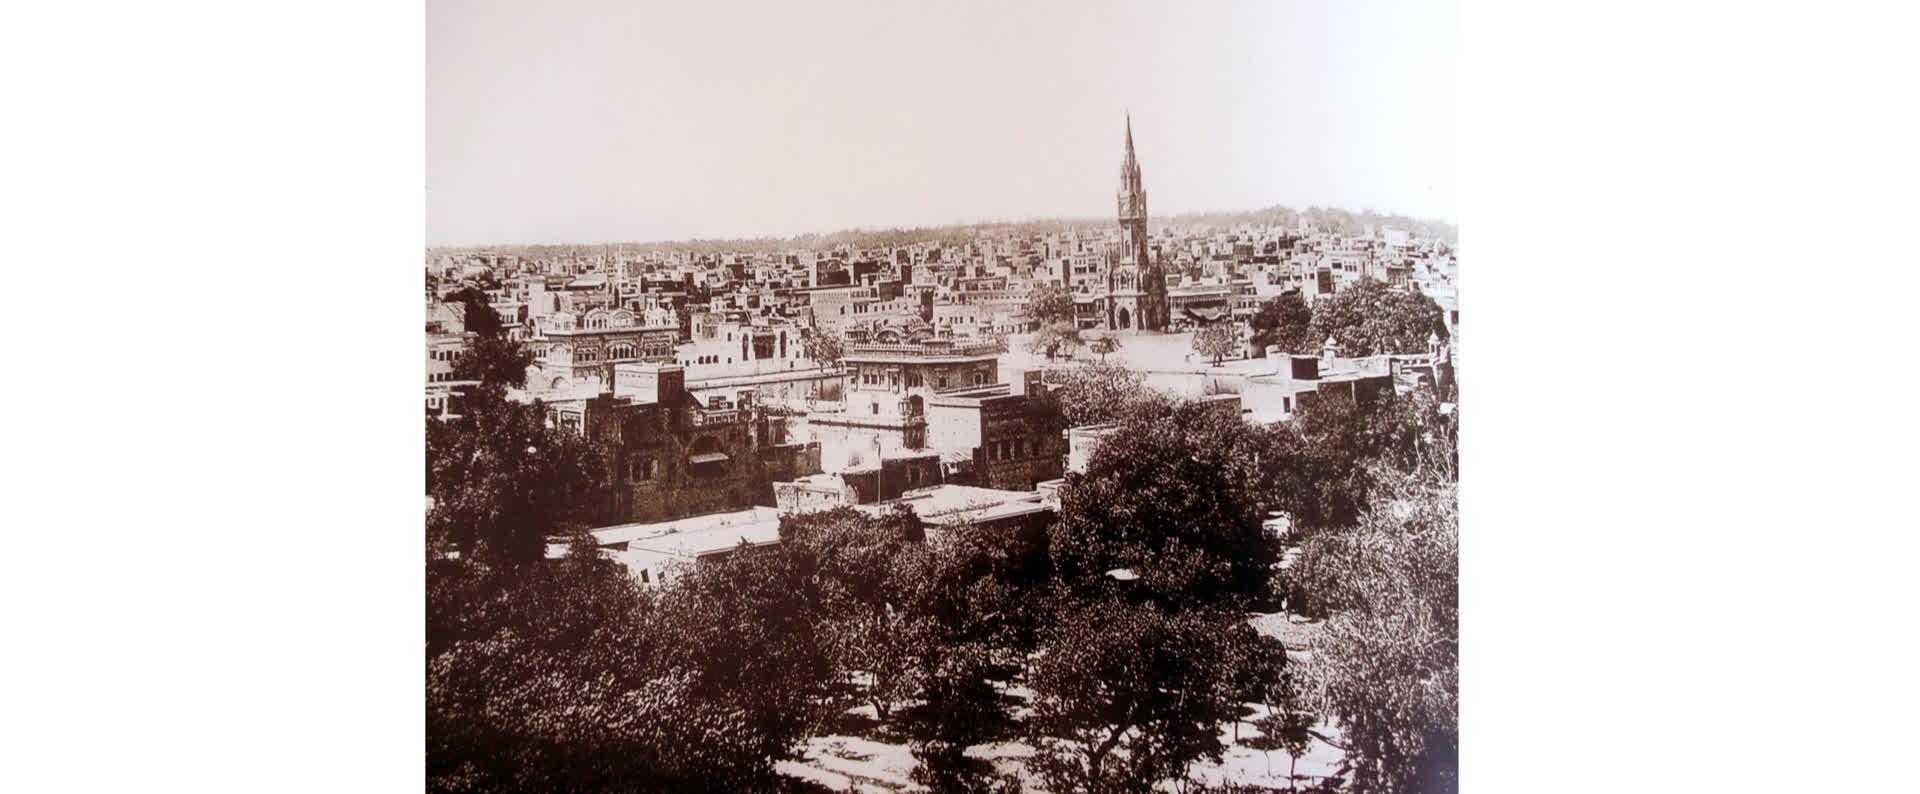 सुरंगों के ऊपर आबाद शहर : अमृतसर